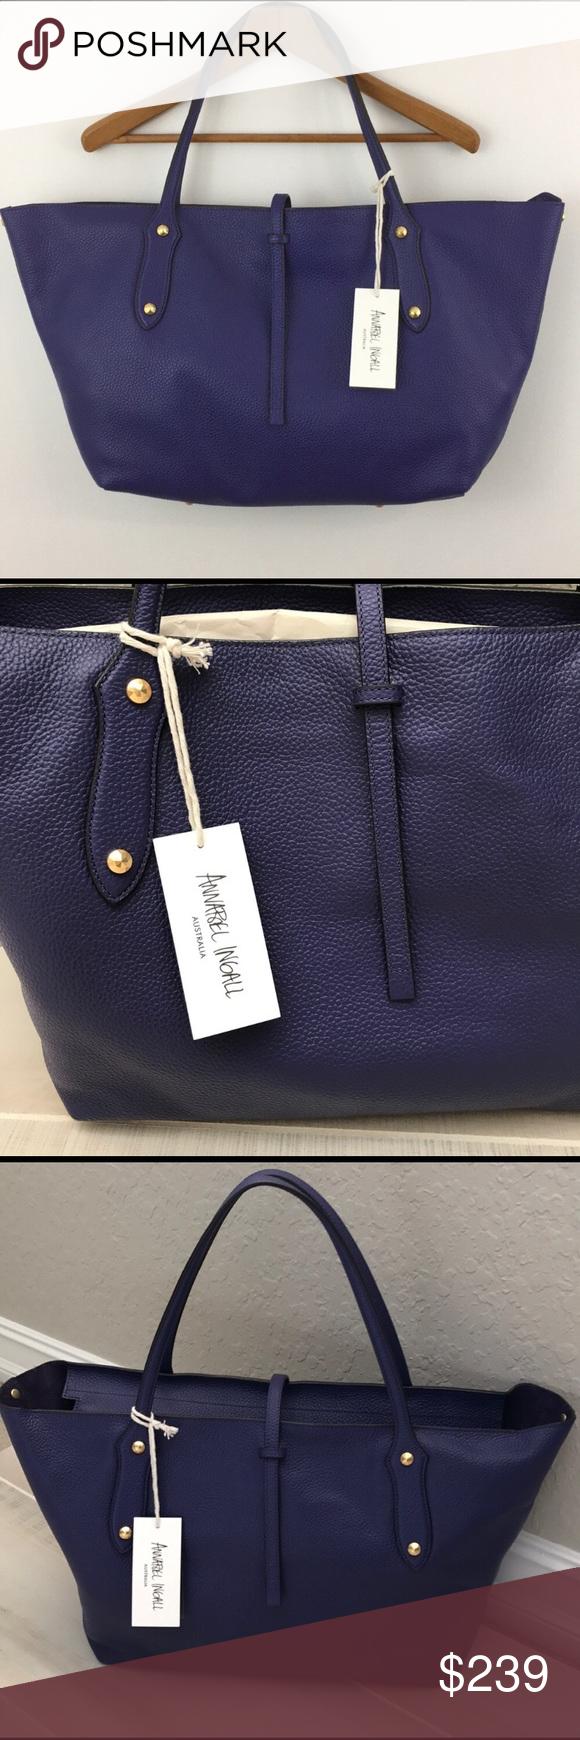 1315050f40c Spotted while shopping on Poshmark  Annabel Ingall Large Indigo tote bag!   poshmark